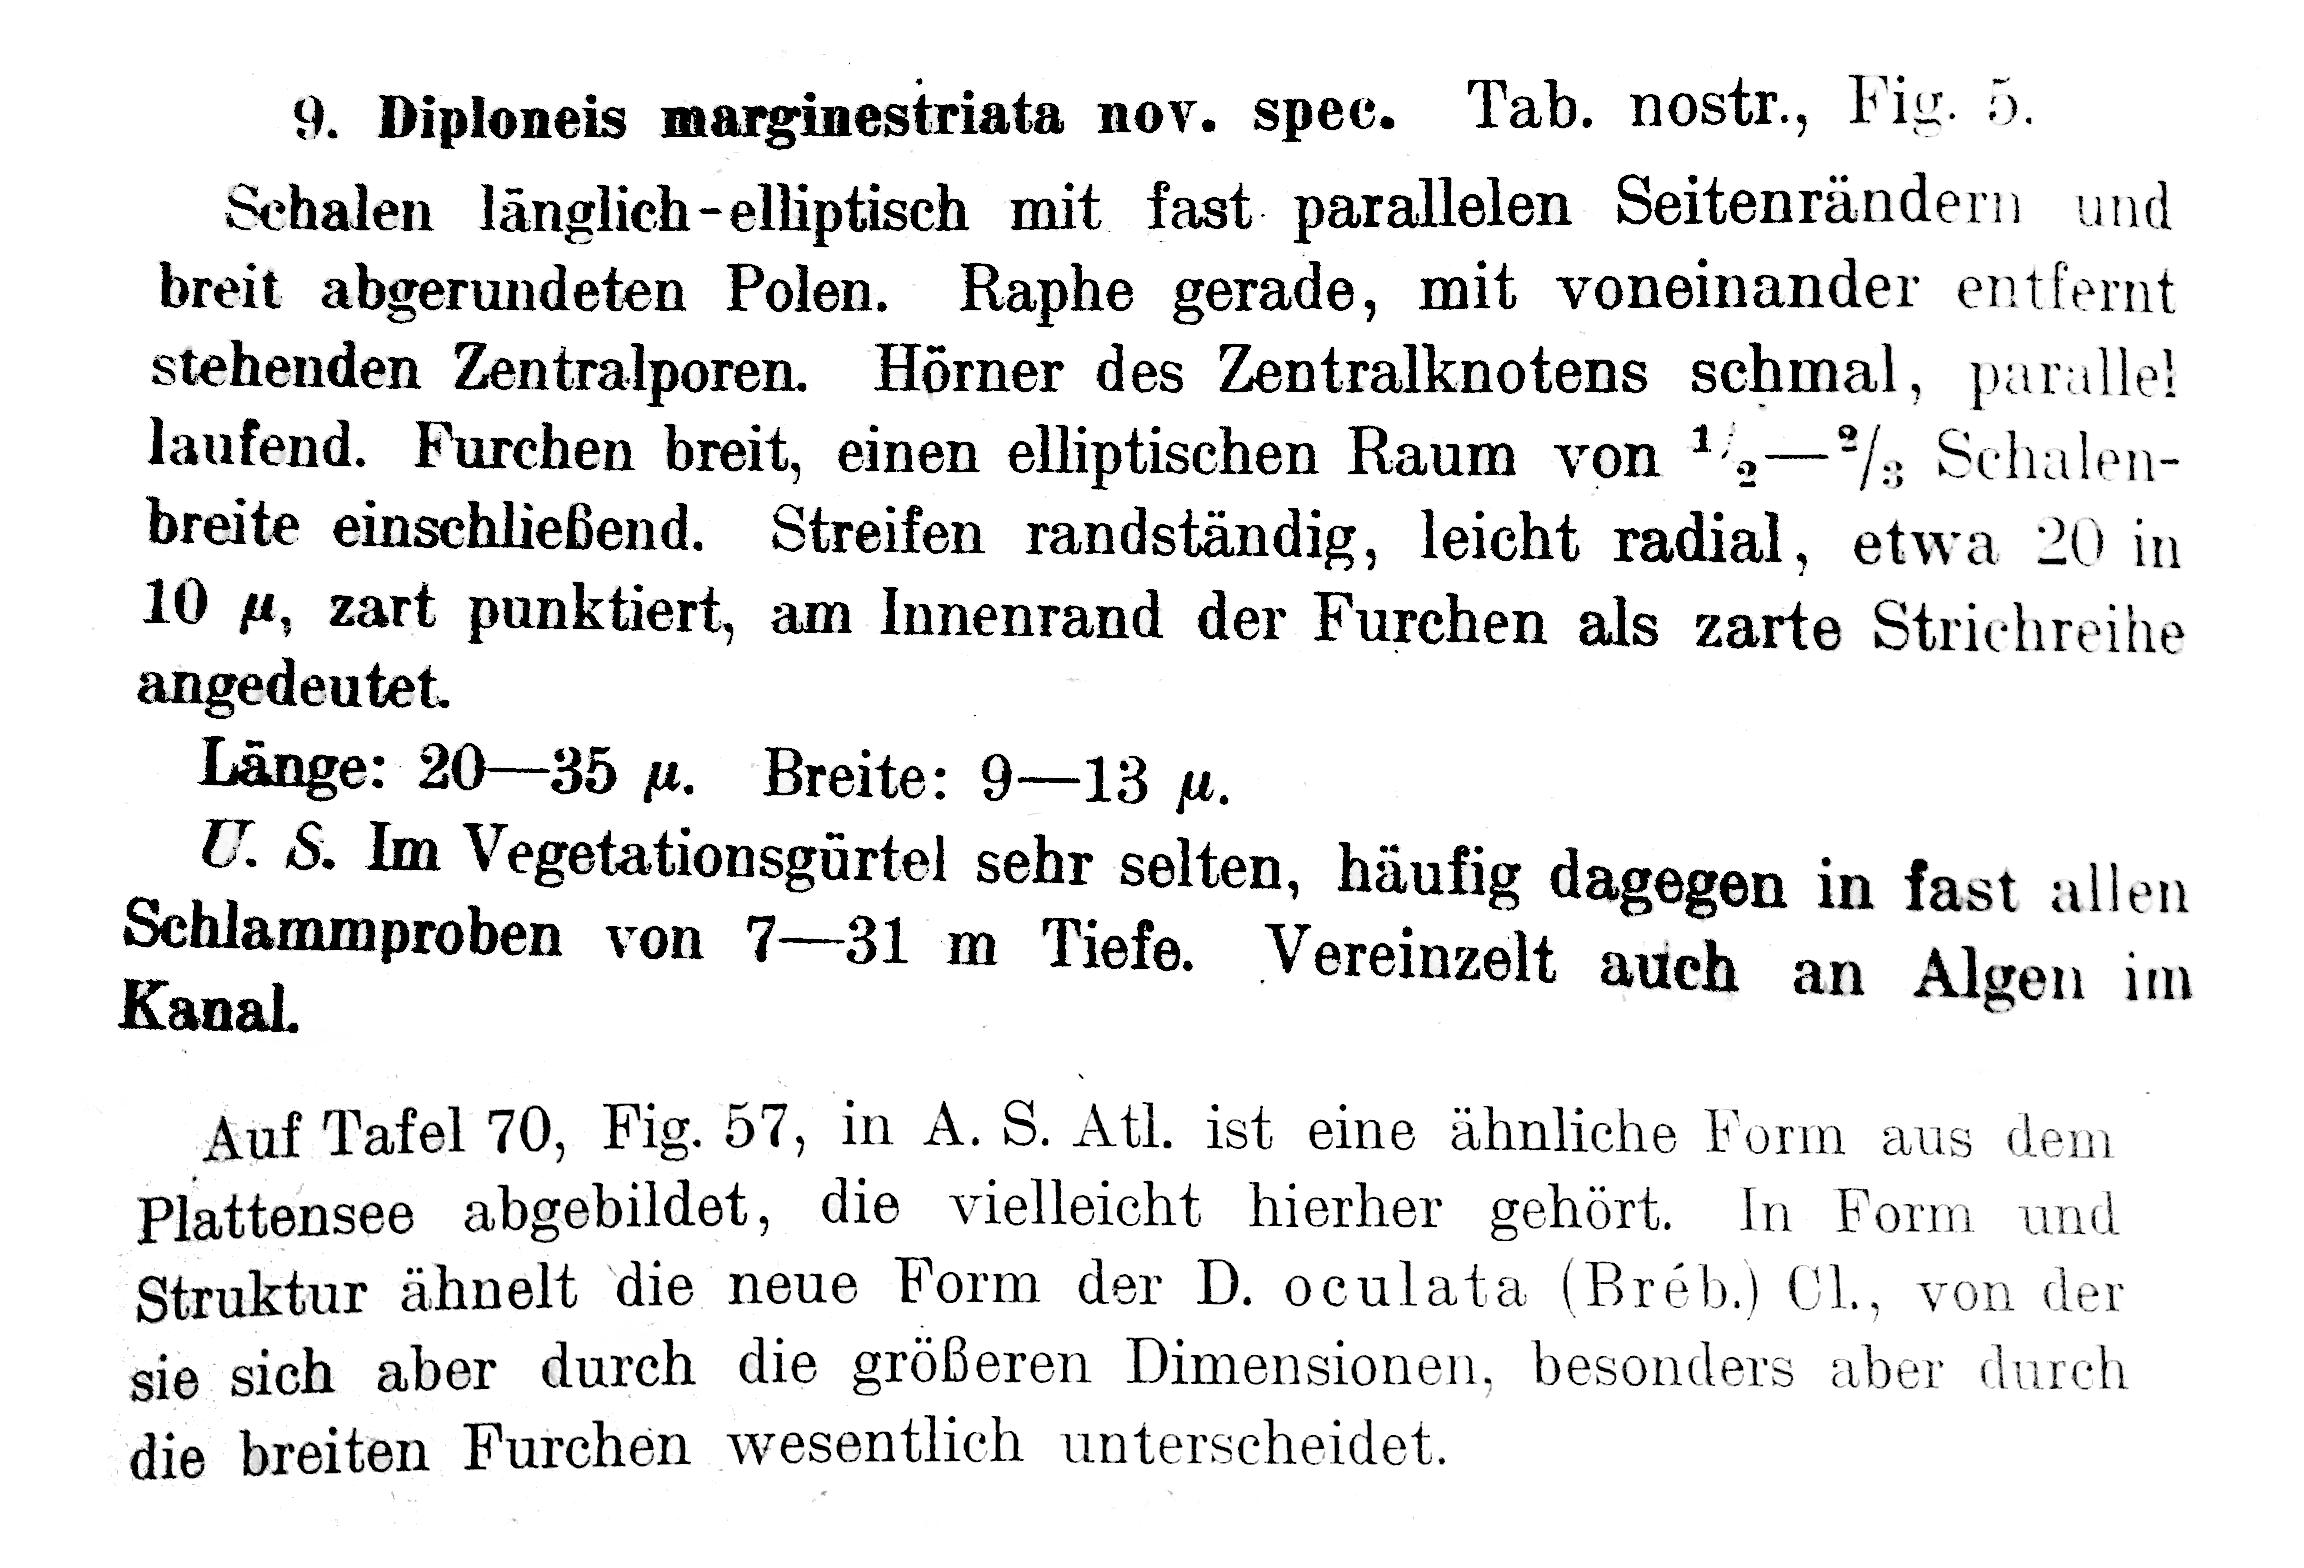 Diploneis Marginestriata  Hustedt 1922